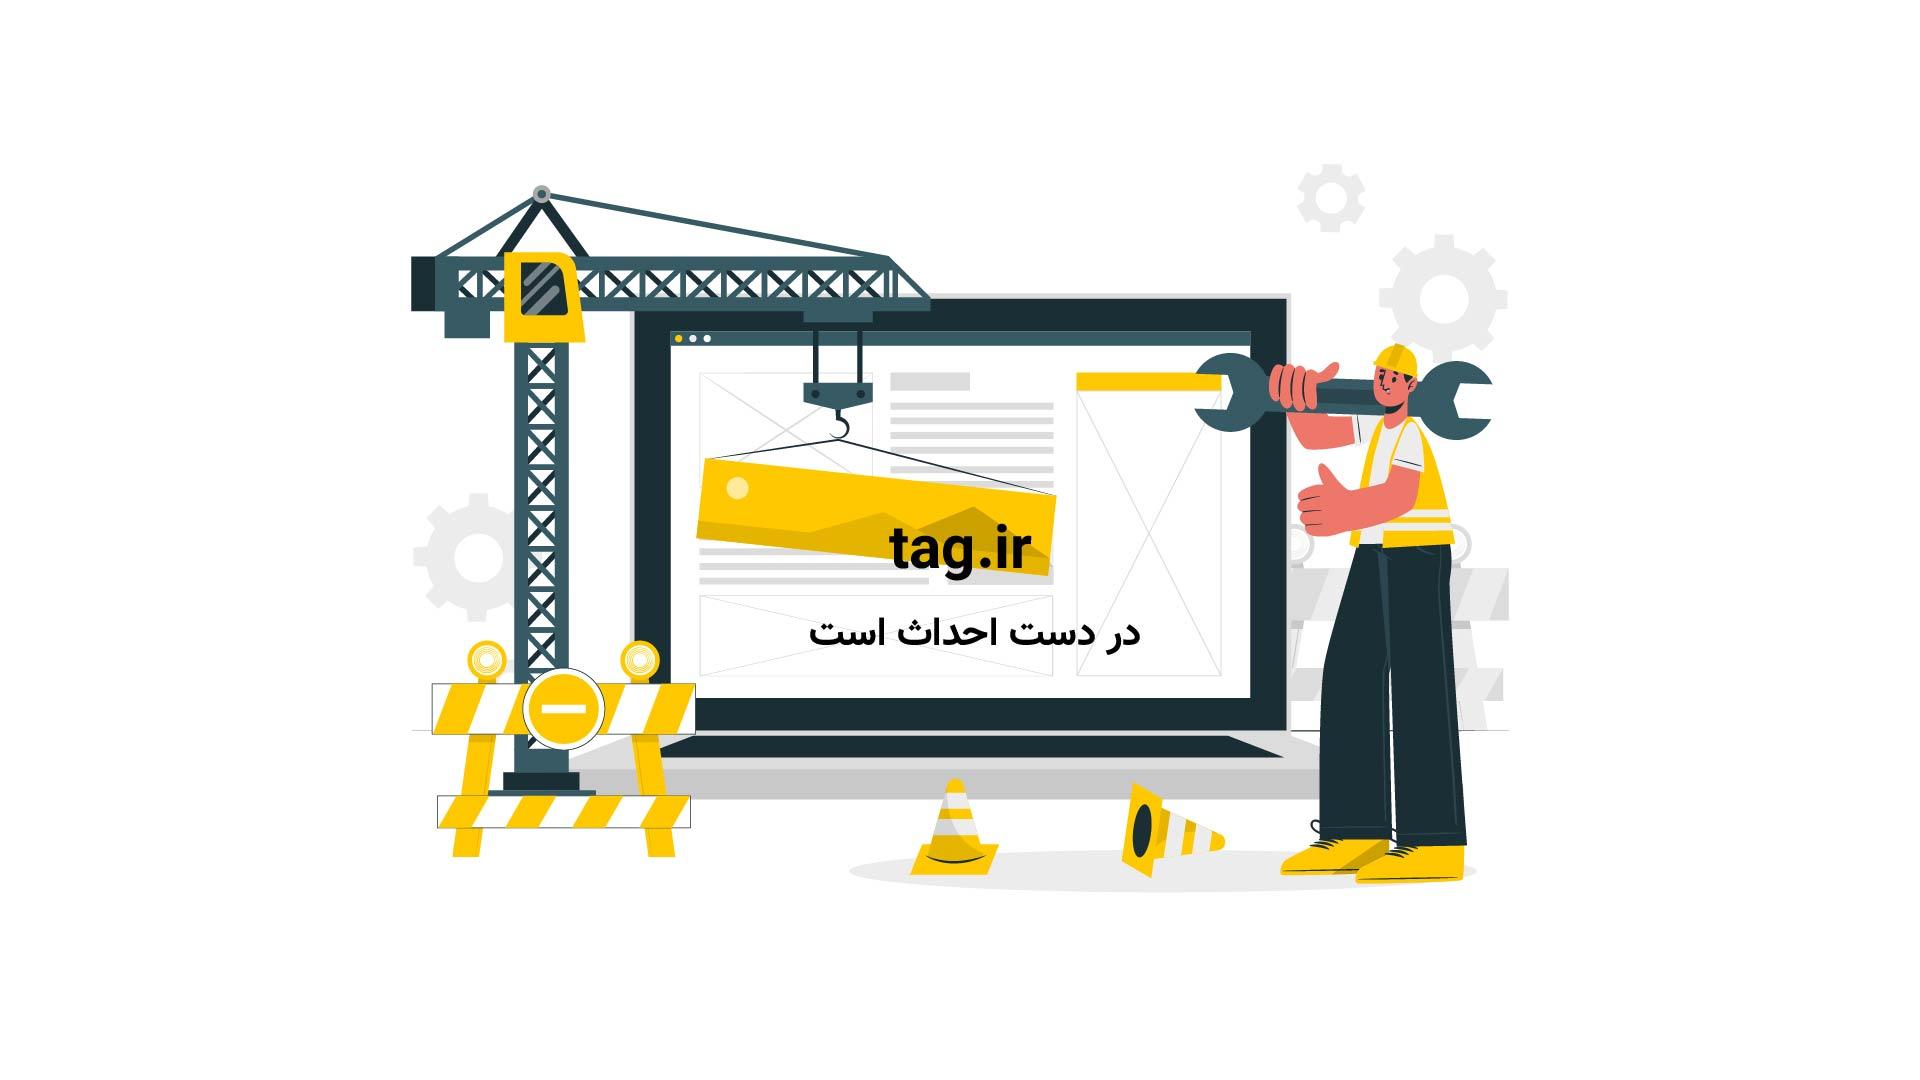 طیب-اردوغان | تگ